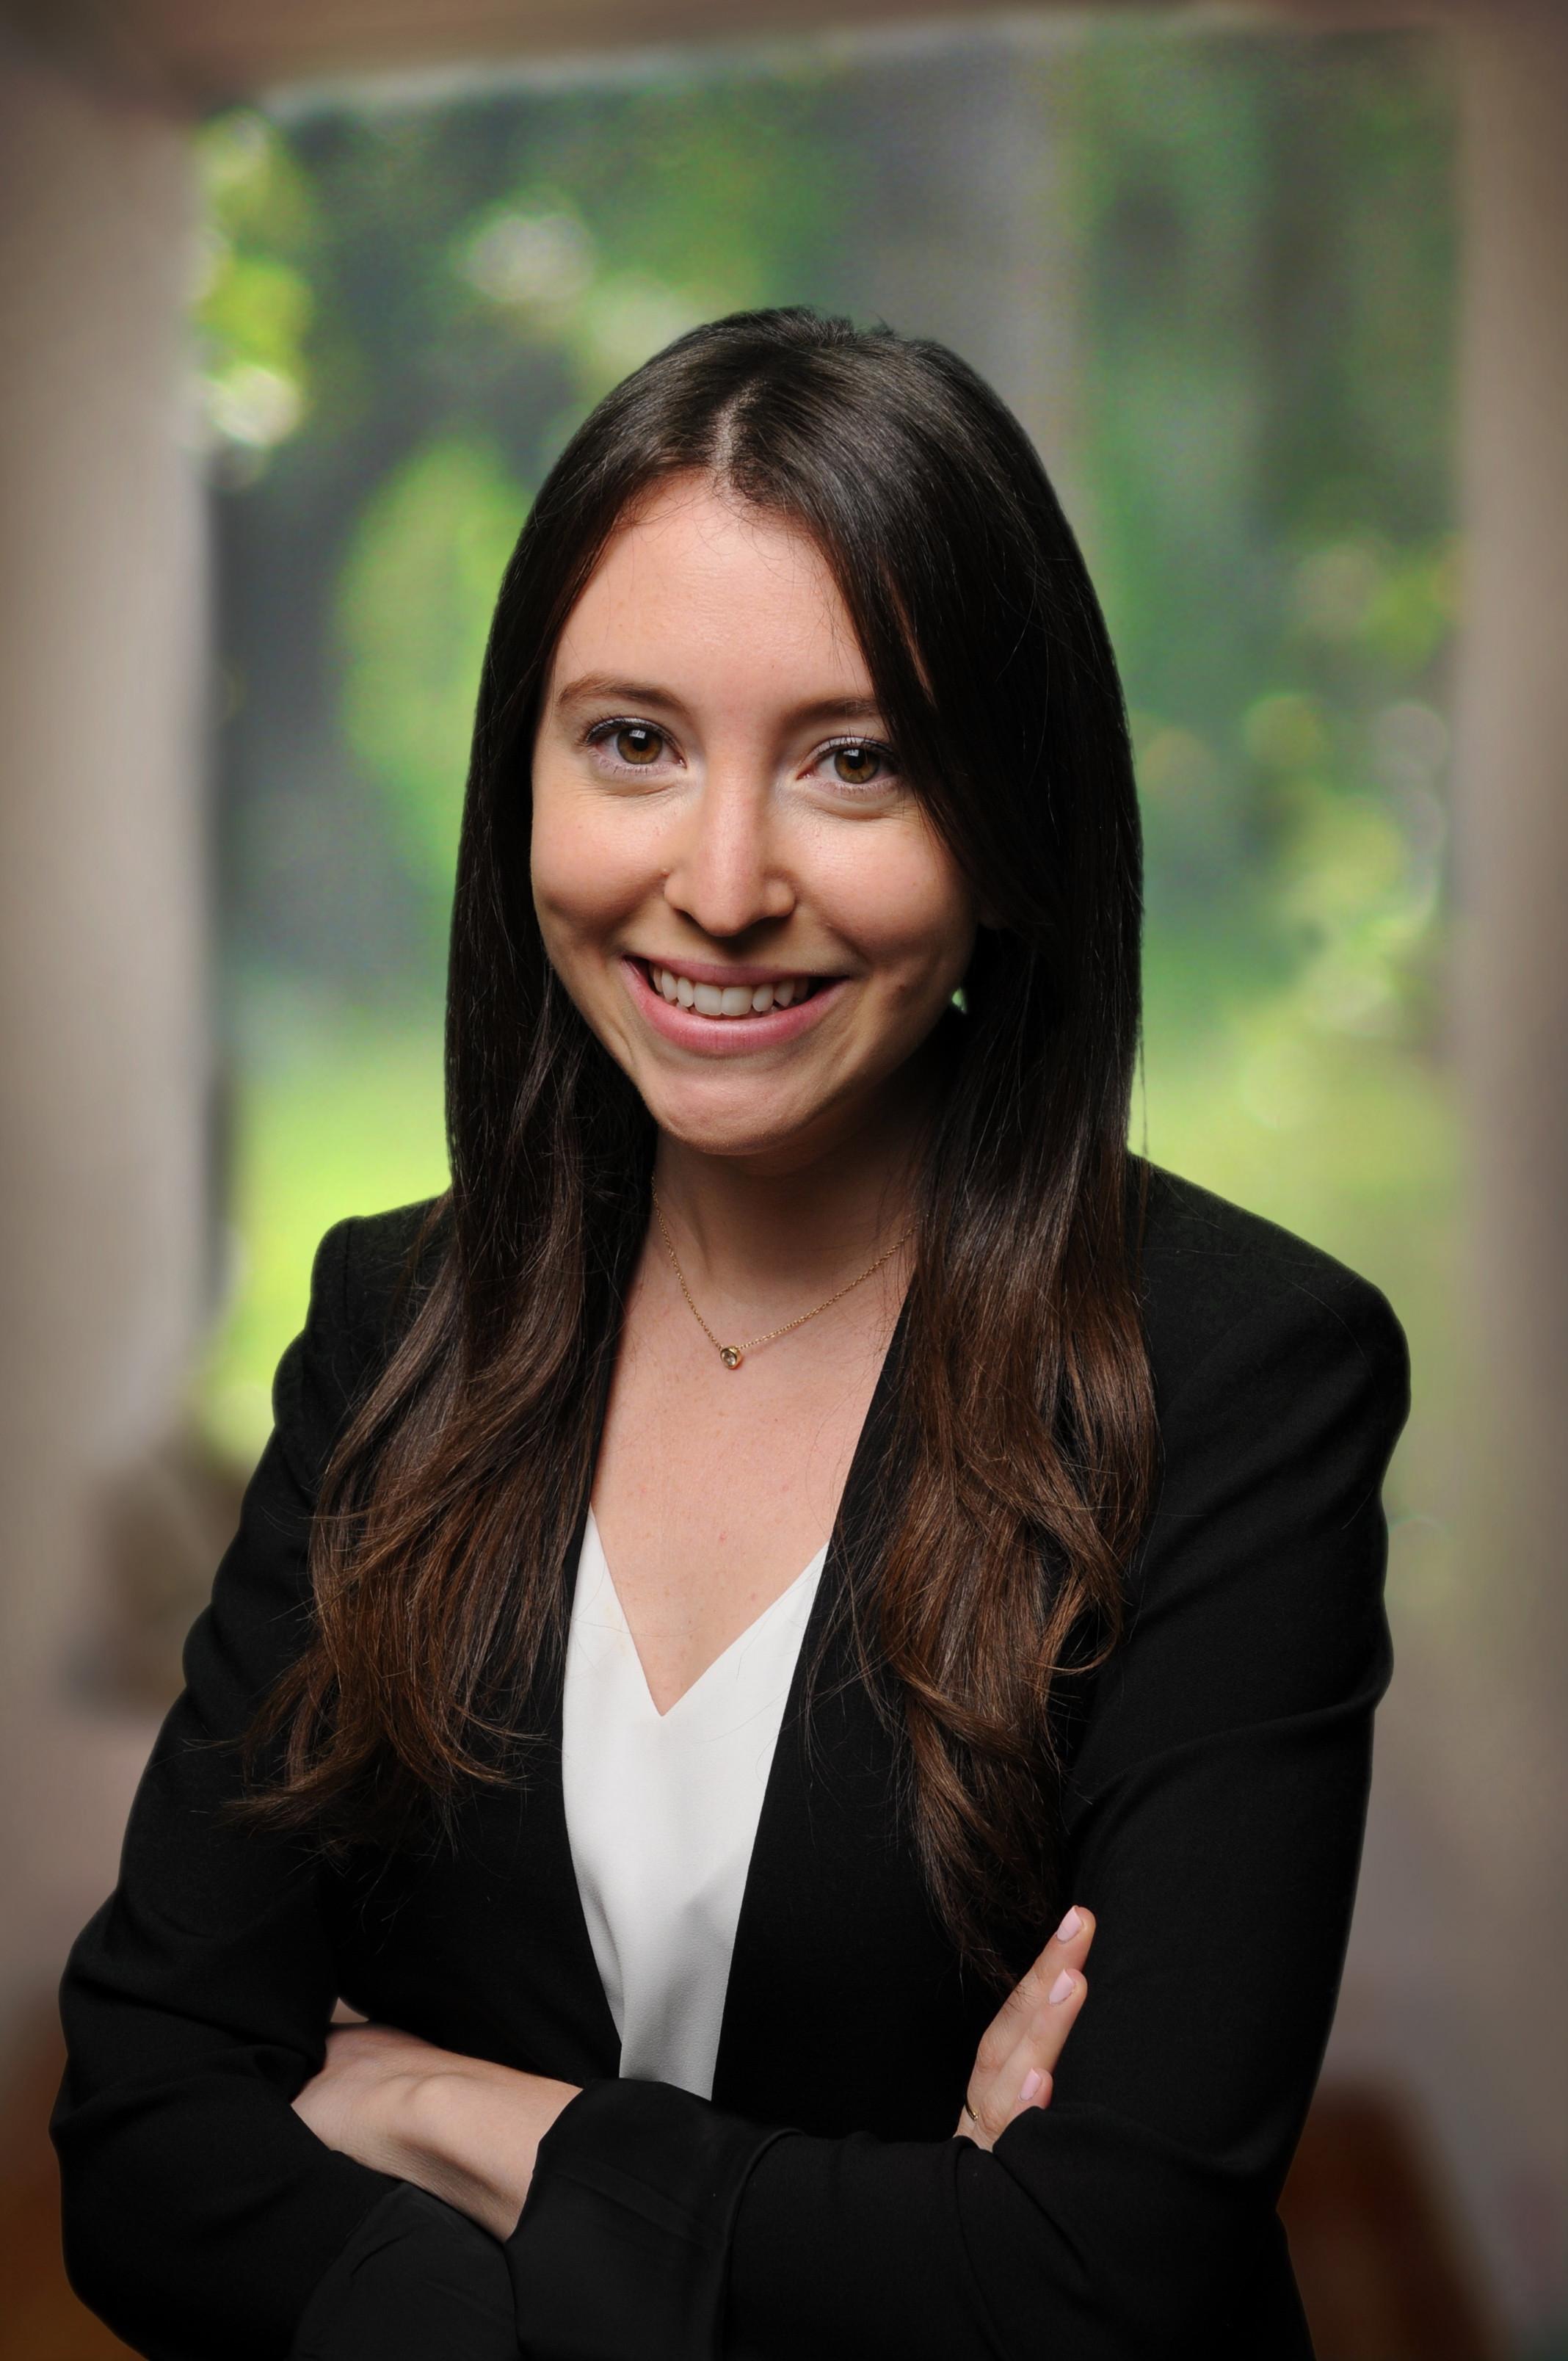 MBA Headshot - Allie Kornstein.jpg